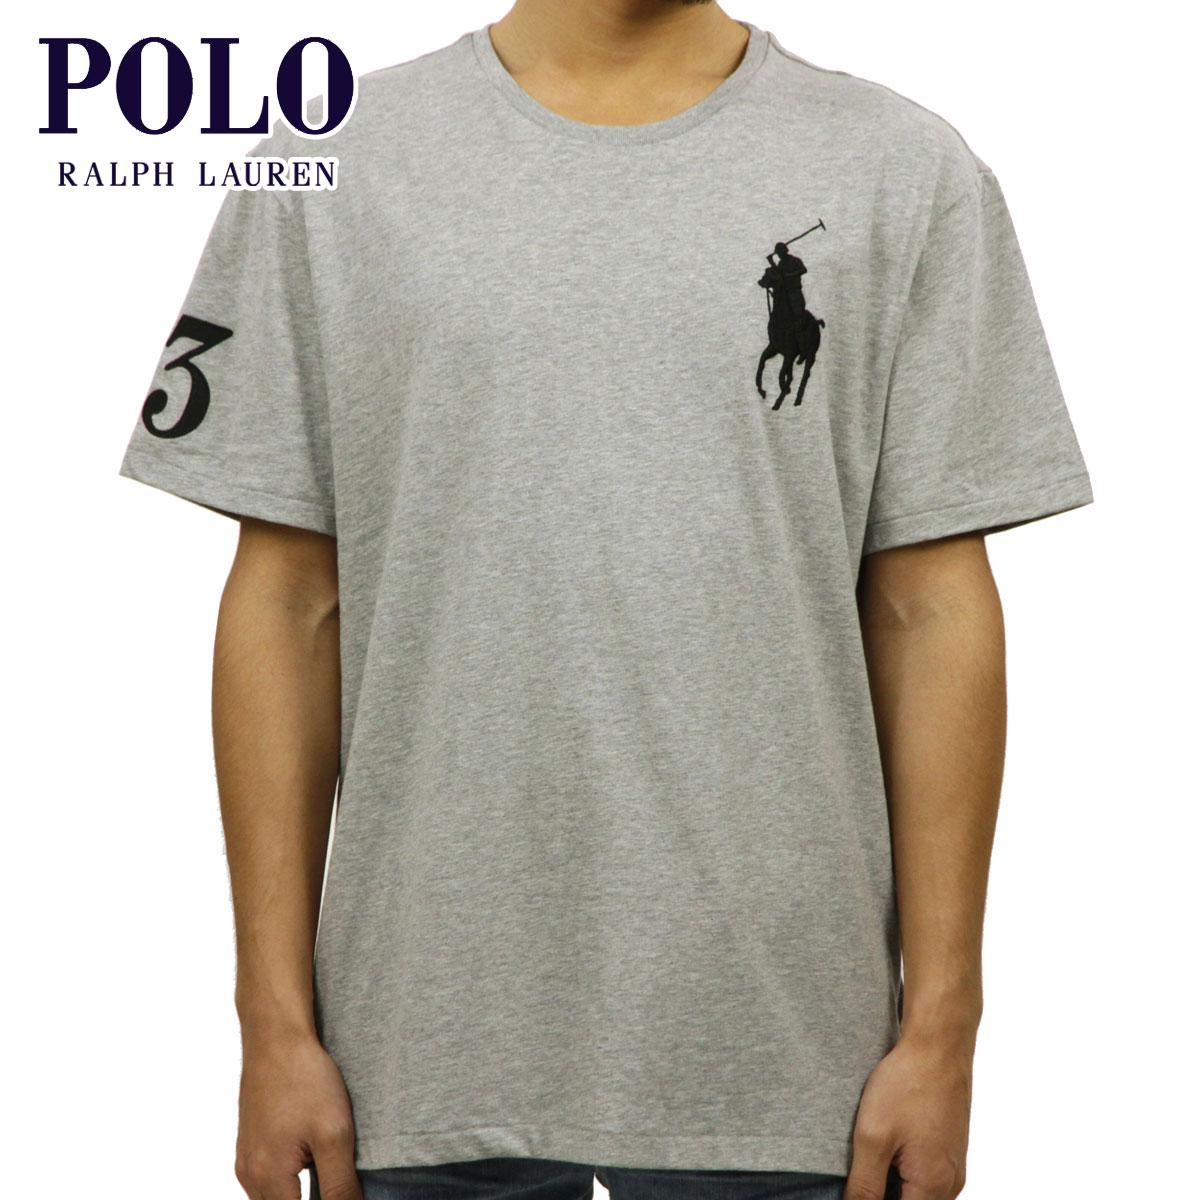 e775070e Polo Ralph Lauren POLO RALPH LAUREN regular article men big pony short  sleeves T-shirt ...